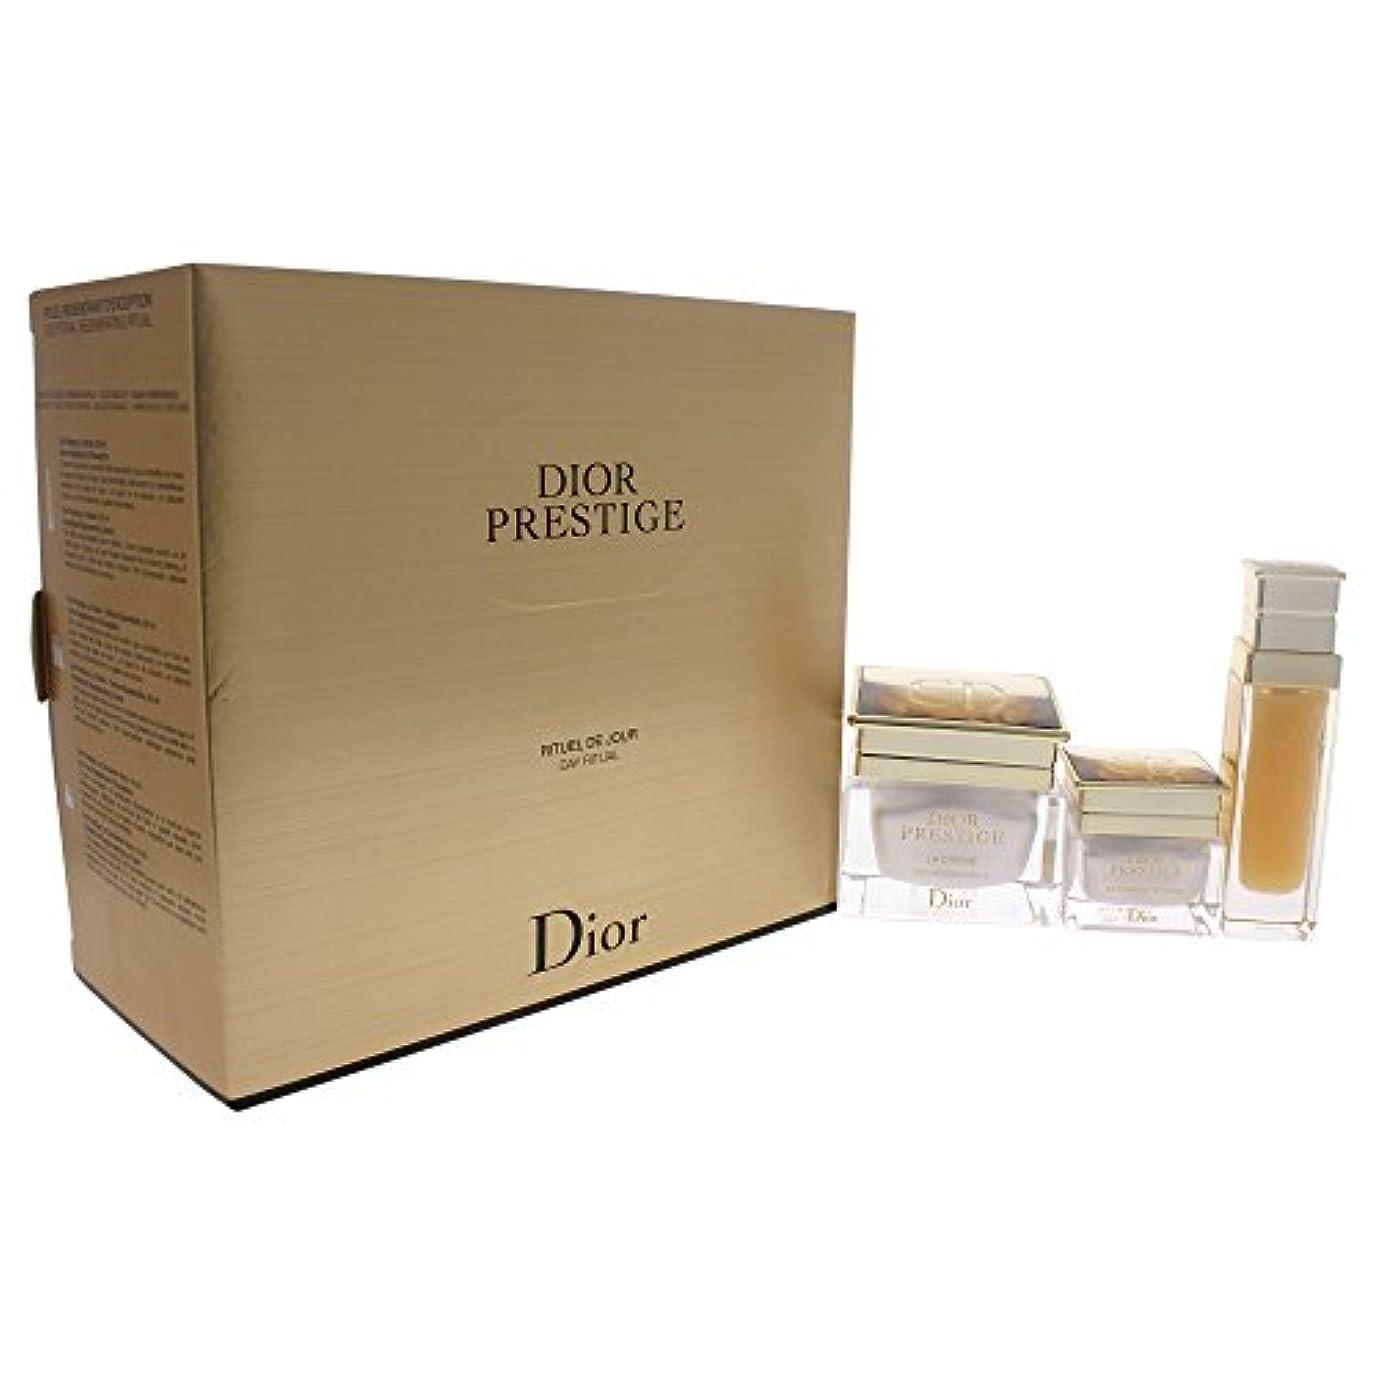 二十ジョージエリオット不忠Dior Prestige Day Ritual